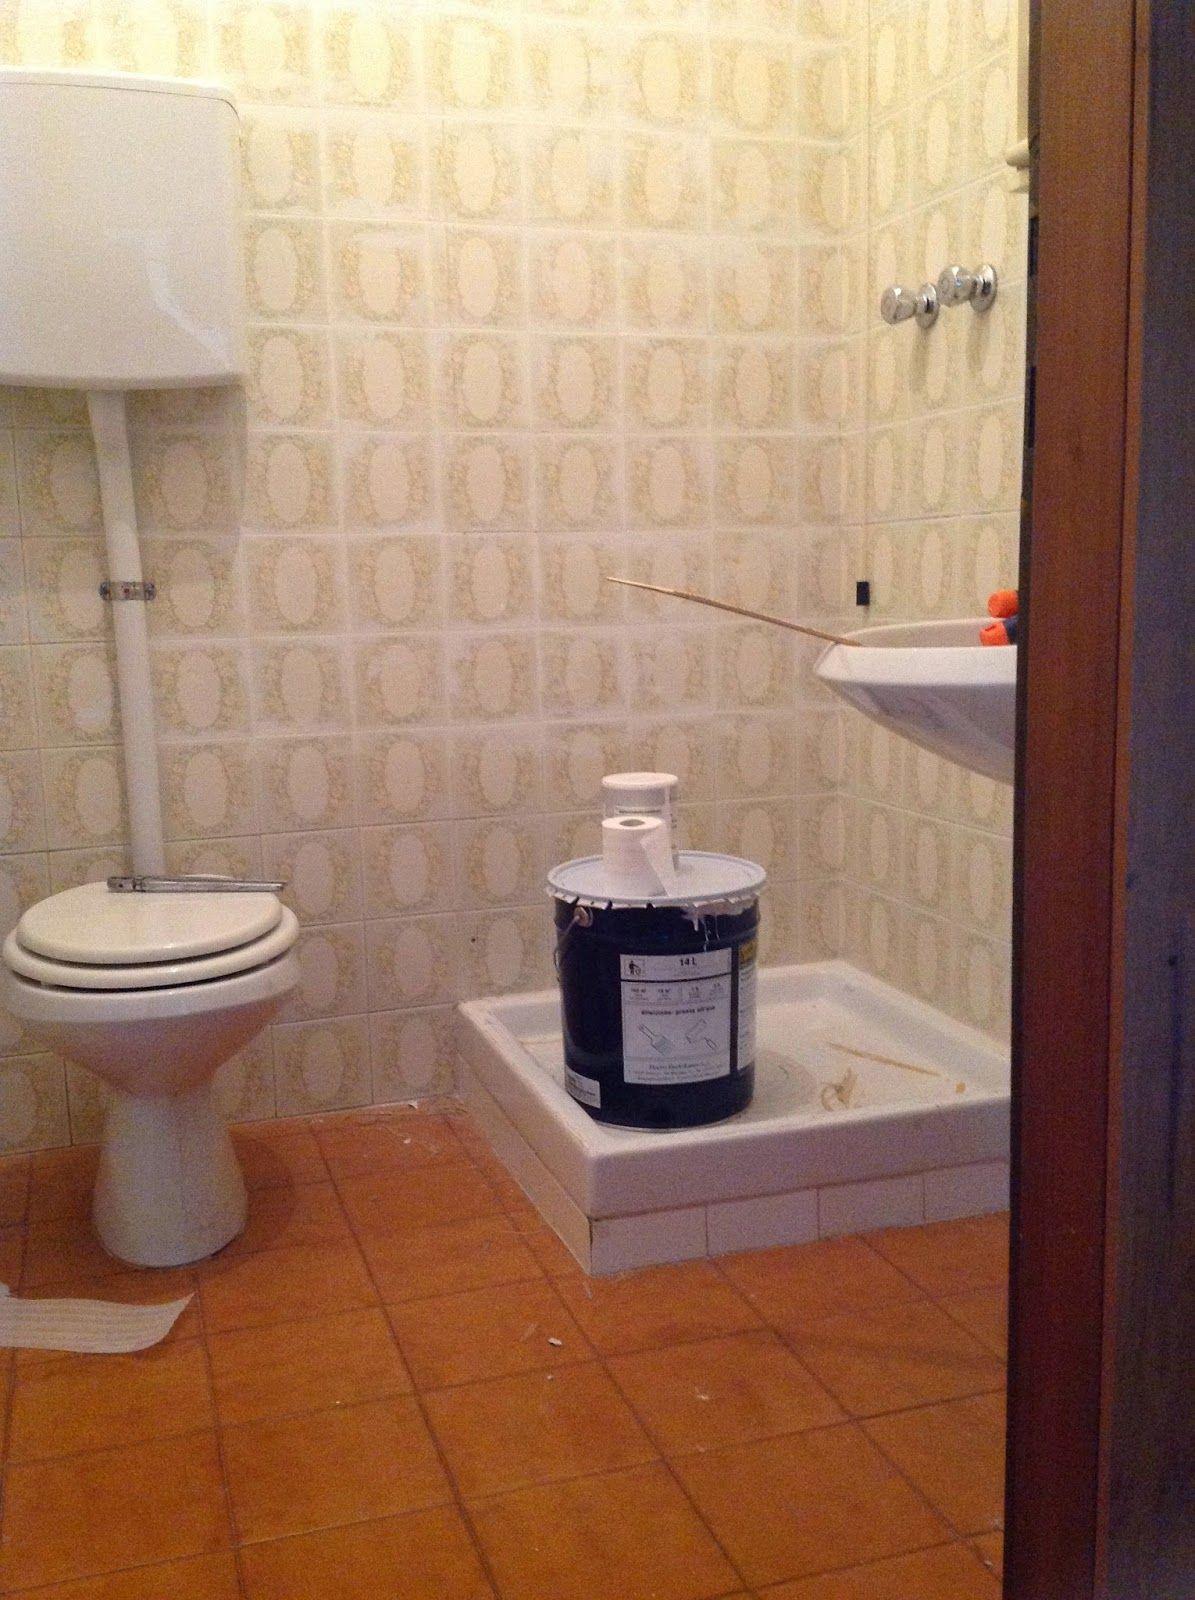 Rinnovare Il Bagno Senza Demolire coprire le piastrelle del bagno | fai da te | arredamento